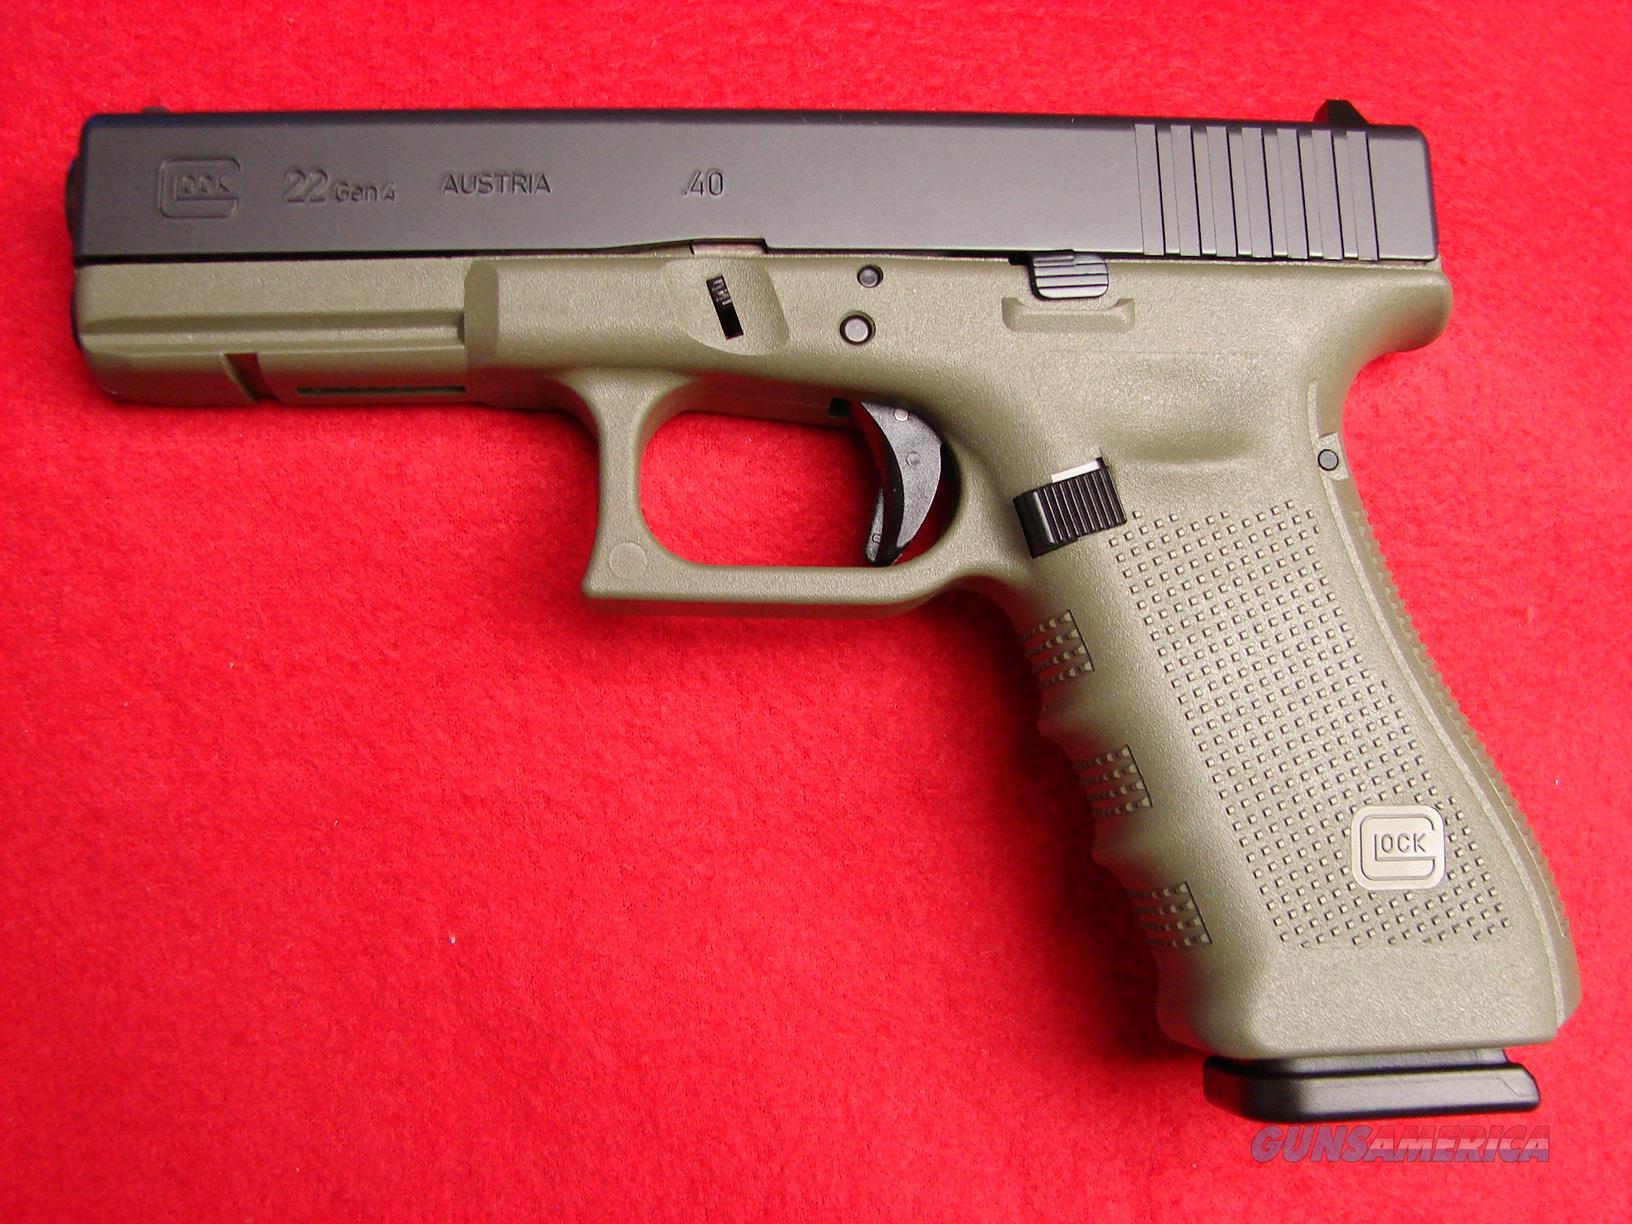 Glock 22 - Gen 4 - .40 S&W - Battle Field Green... for sale